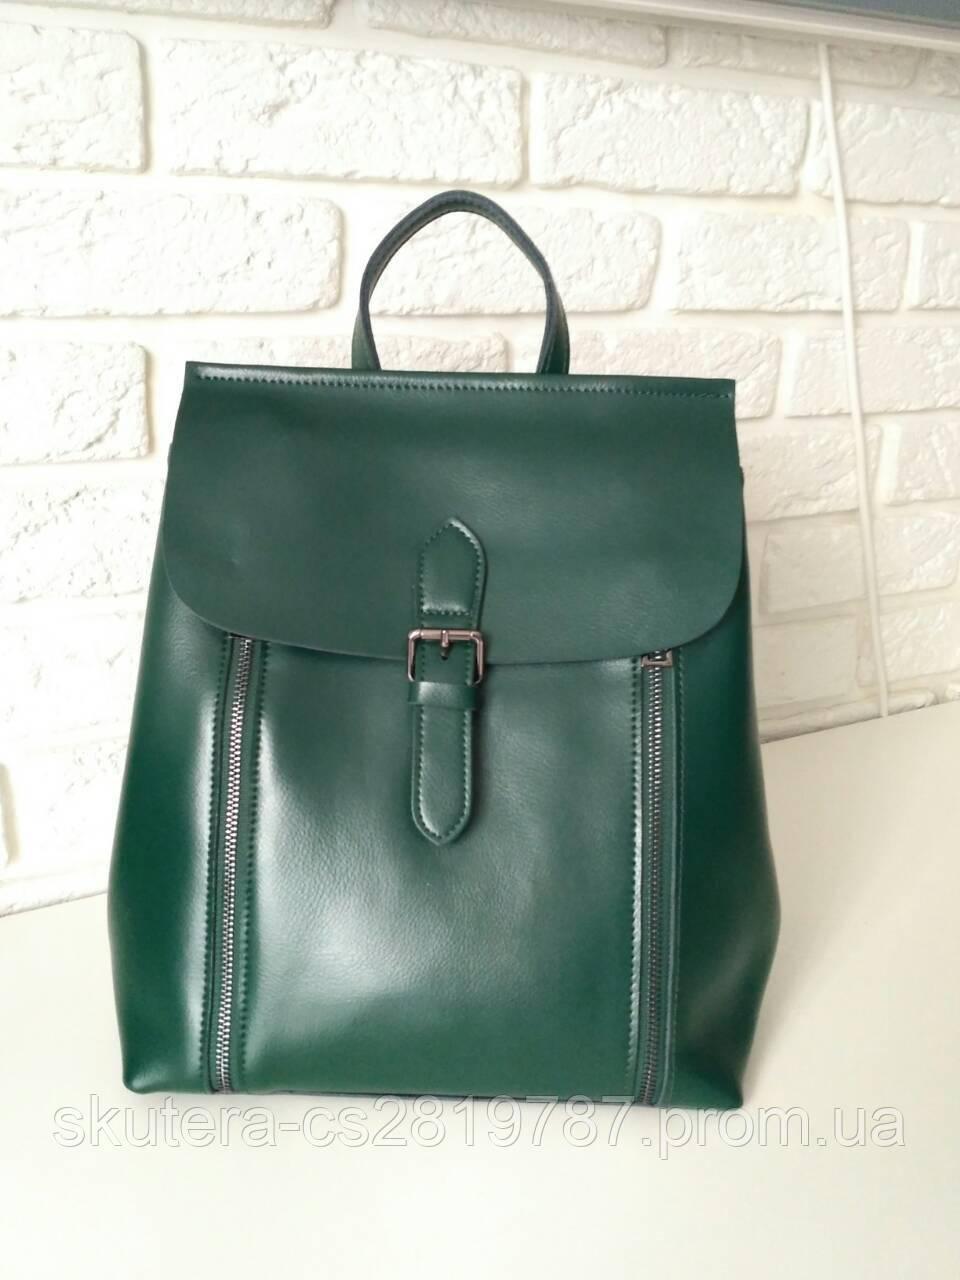 """Женский кожаный рюкзак-сумка (трансформер) """"Милла Green"""", фото 1"""